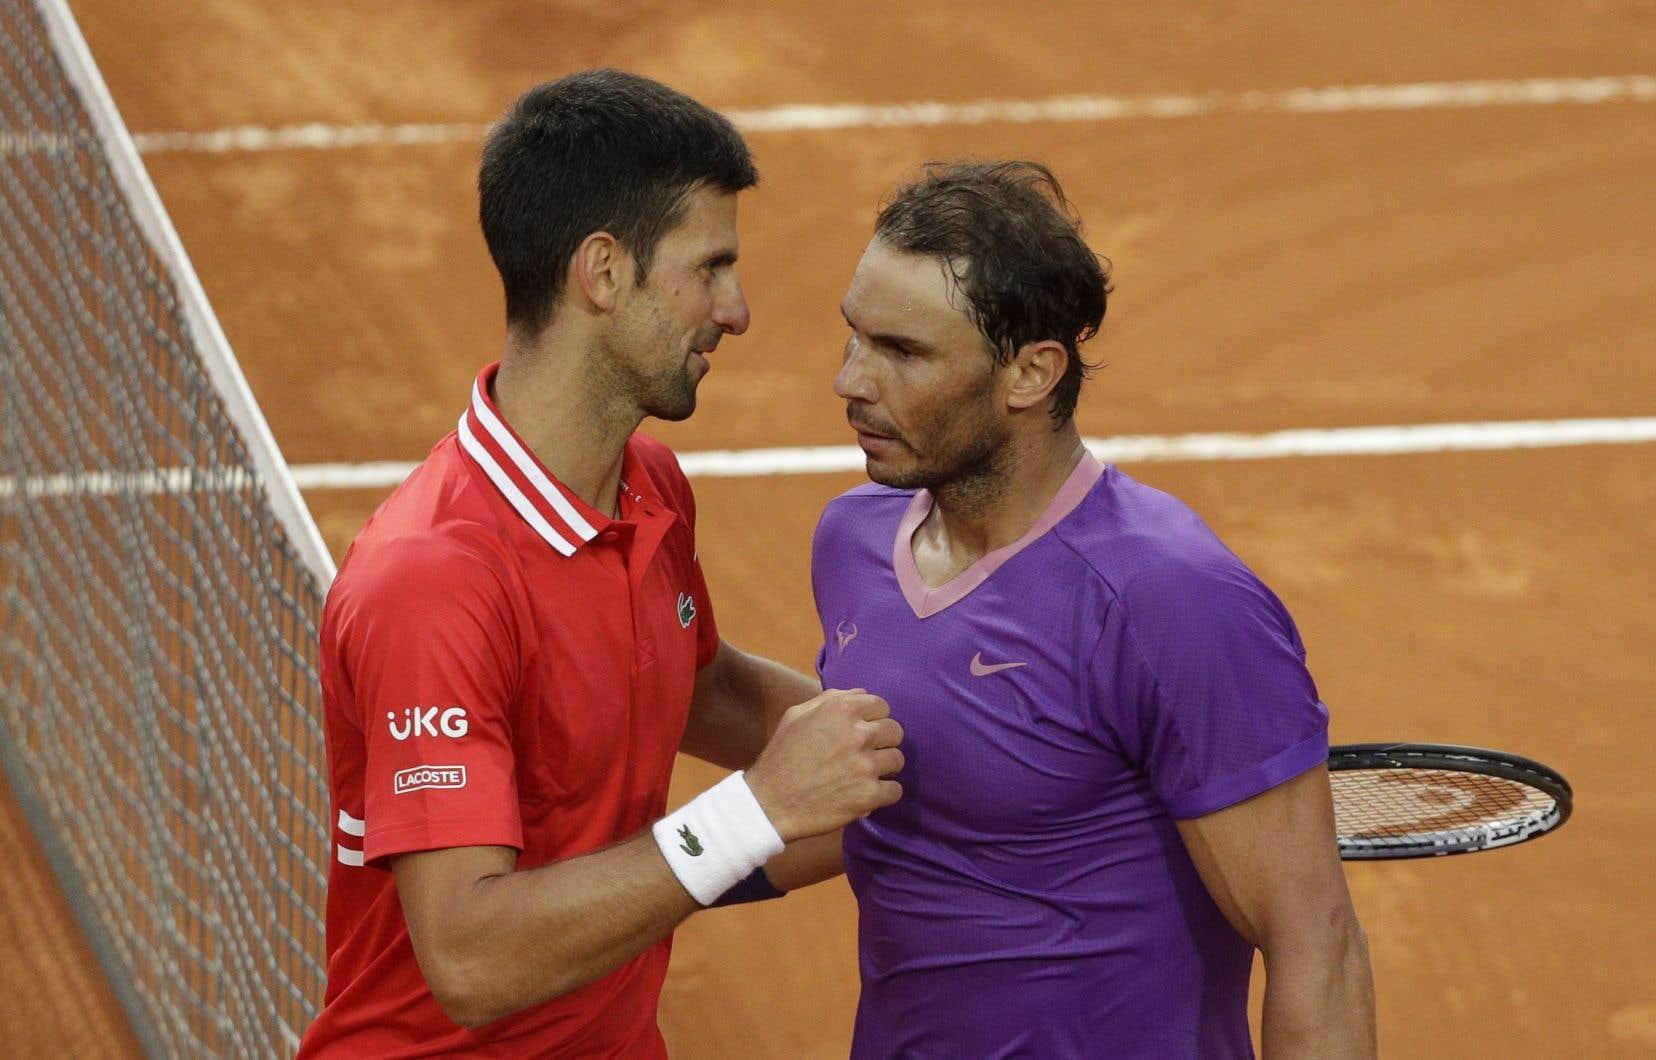 En mai dernier, Rafael Nadal (à droite) avait remporté le tournoi de Rome, en finale contre Novak Djokovic (à gauche), pour la neuvième fois de sa carrière.